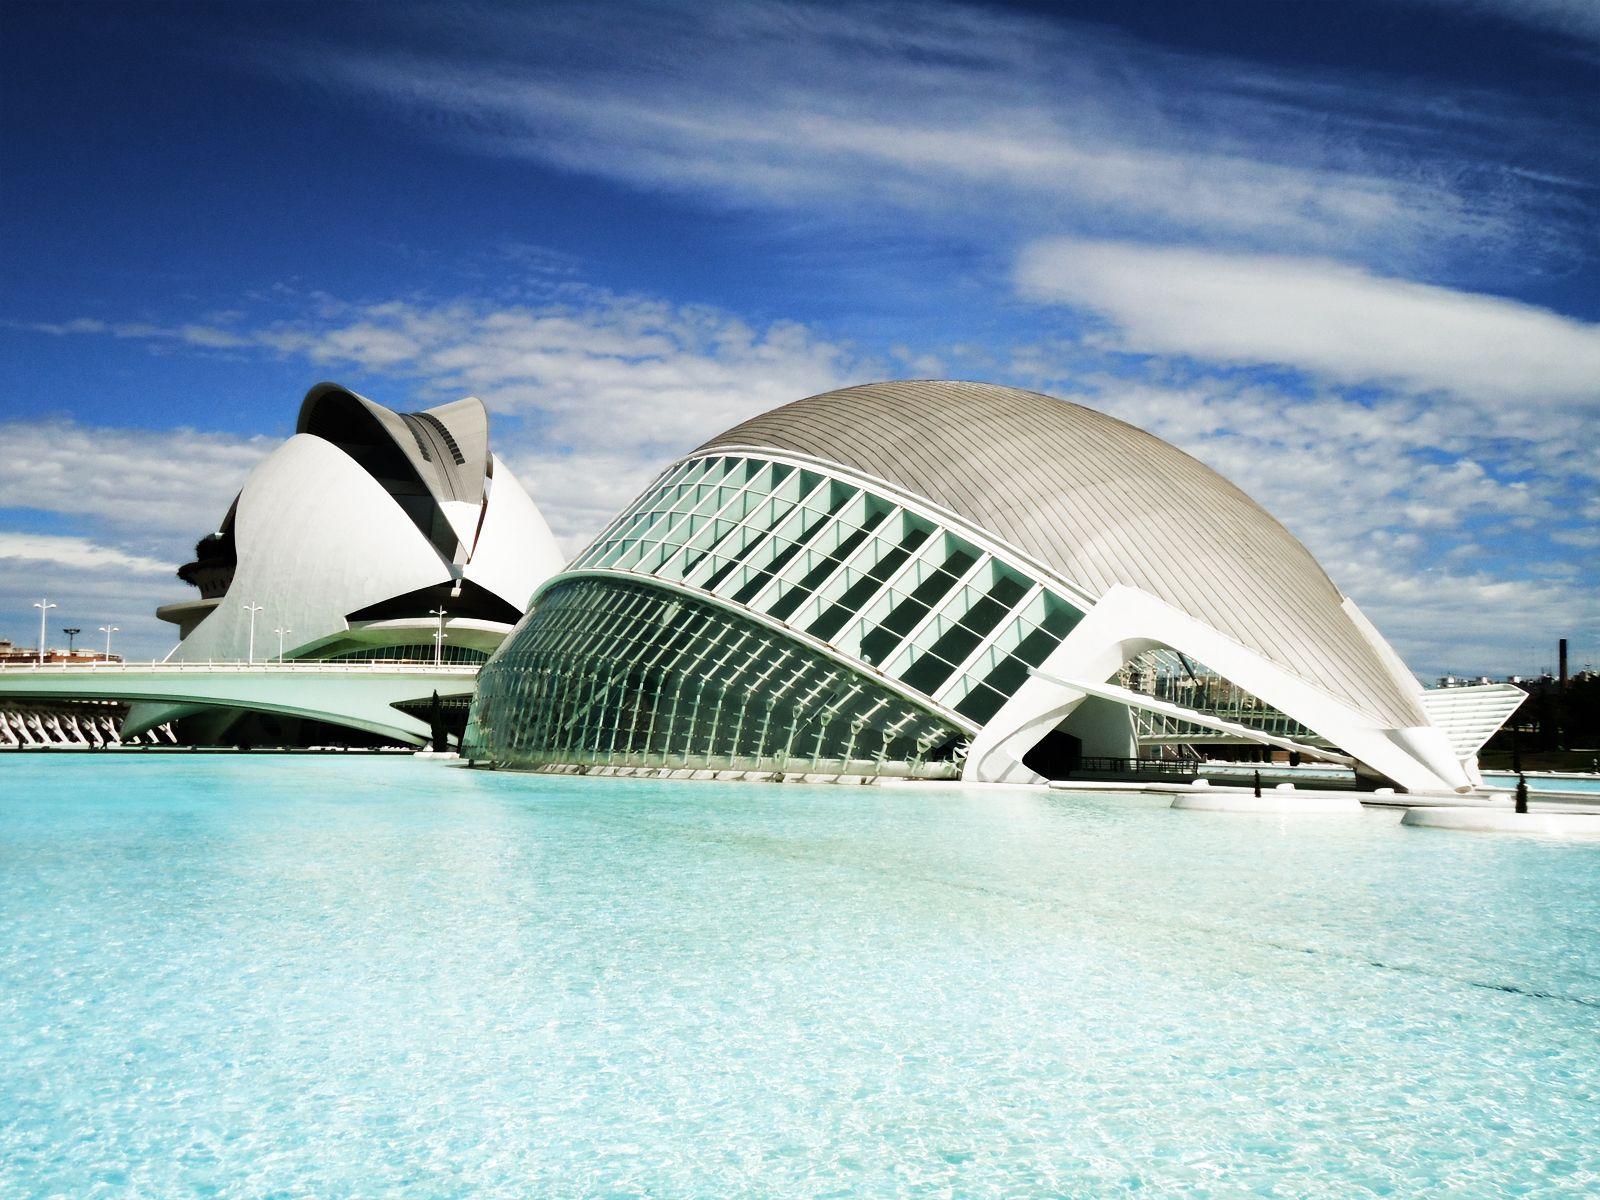 Ciudad de las Artes y las Ciencias #Valencia #Spain #Photography